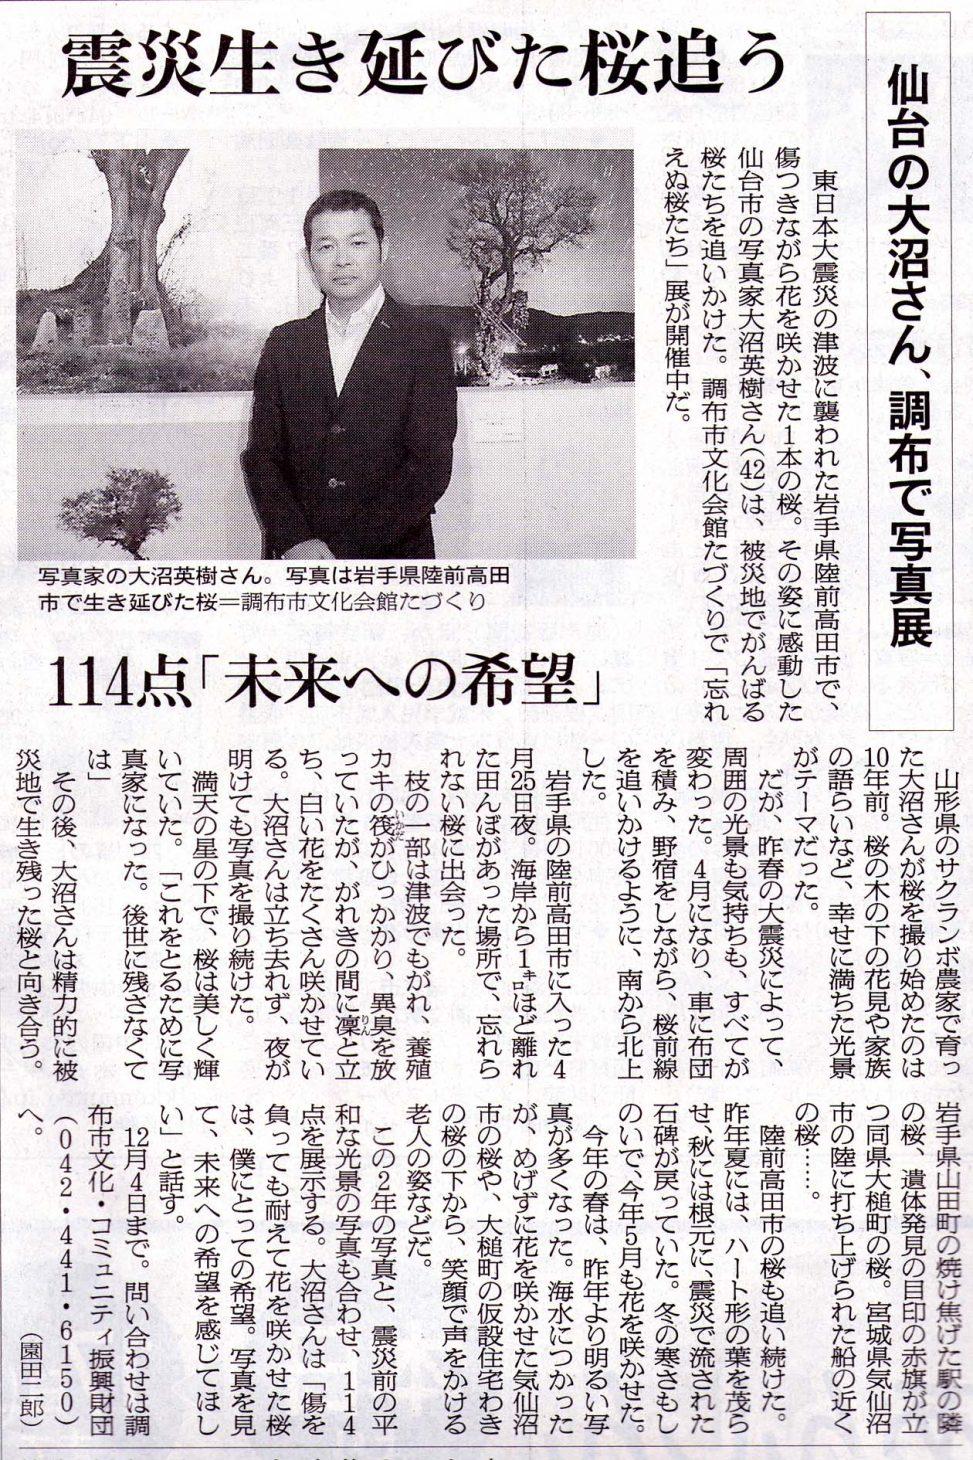 『朝日新聞』2012年11月7日付